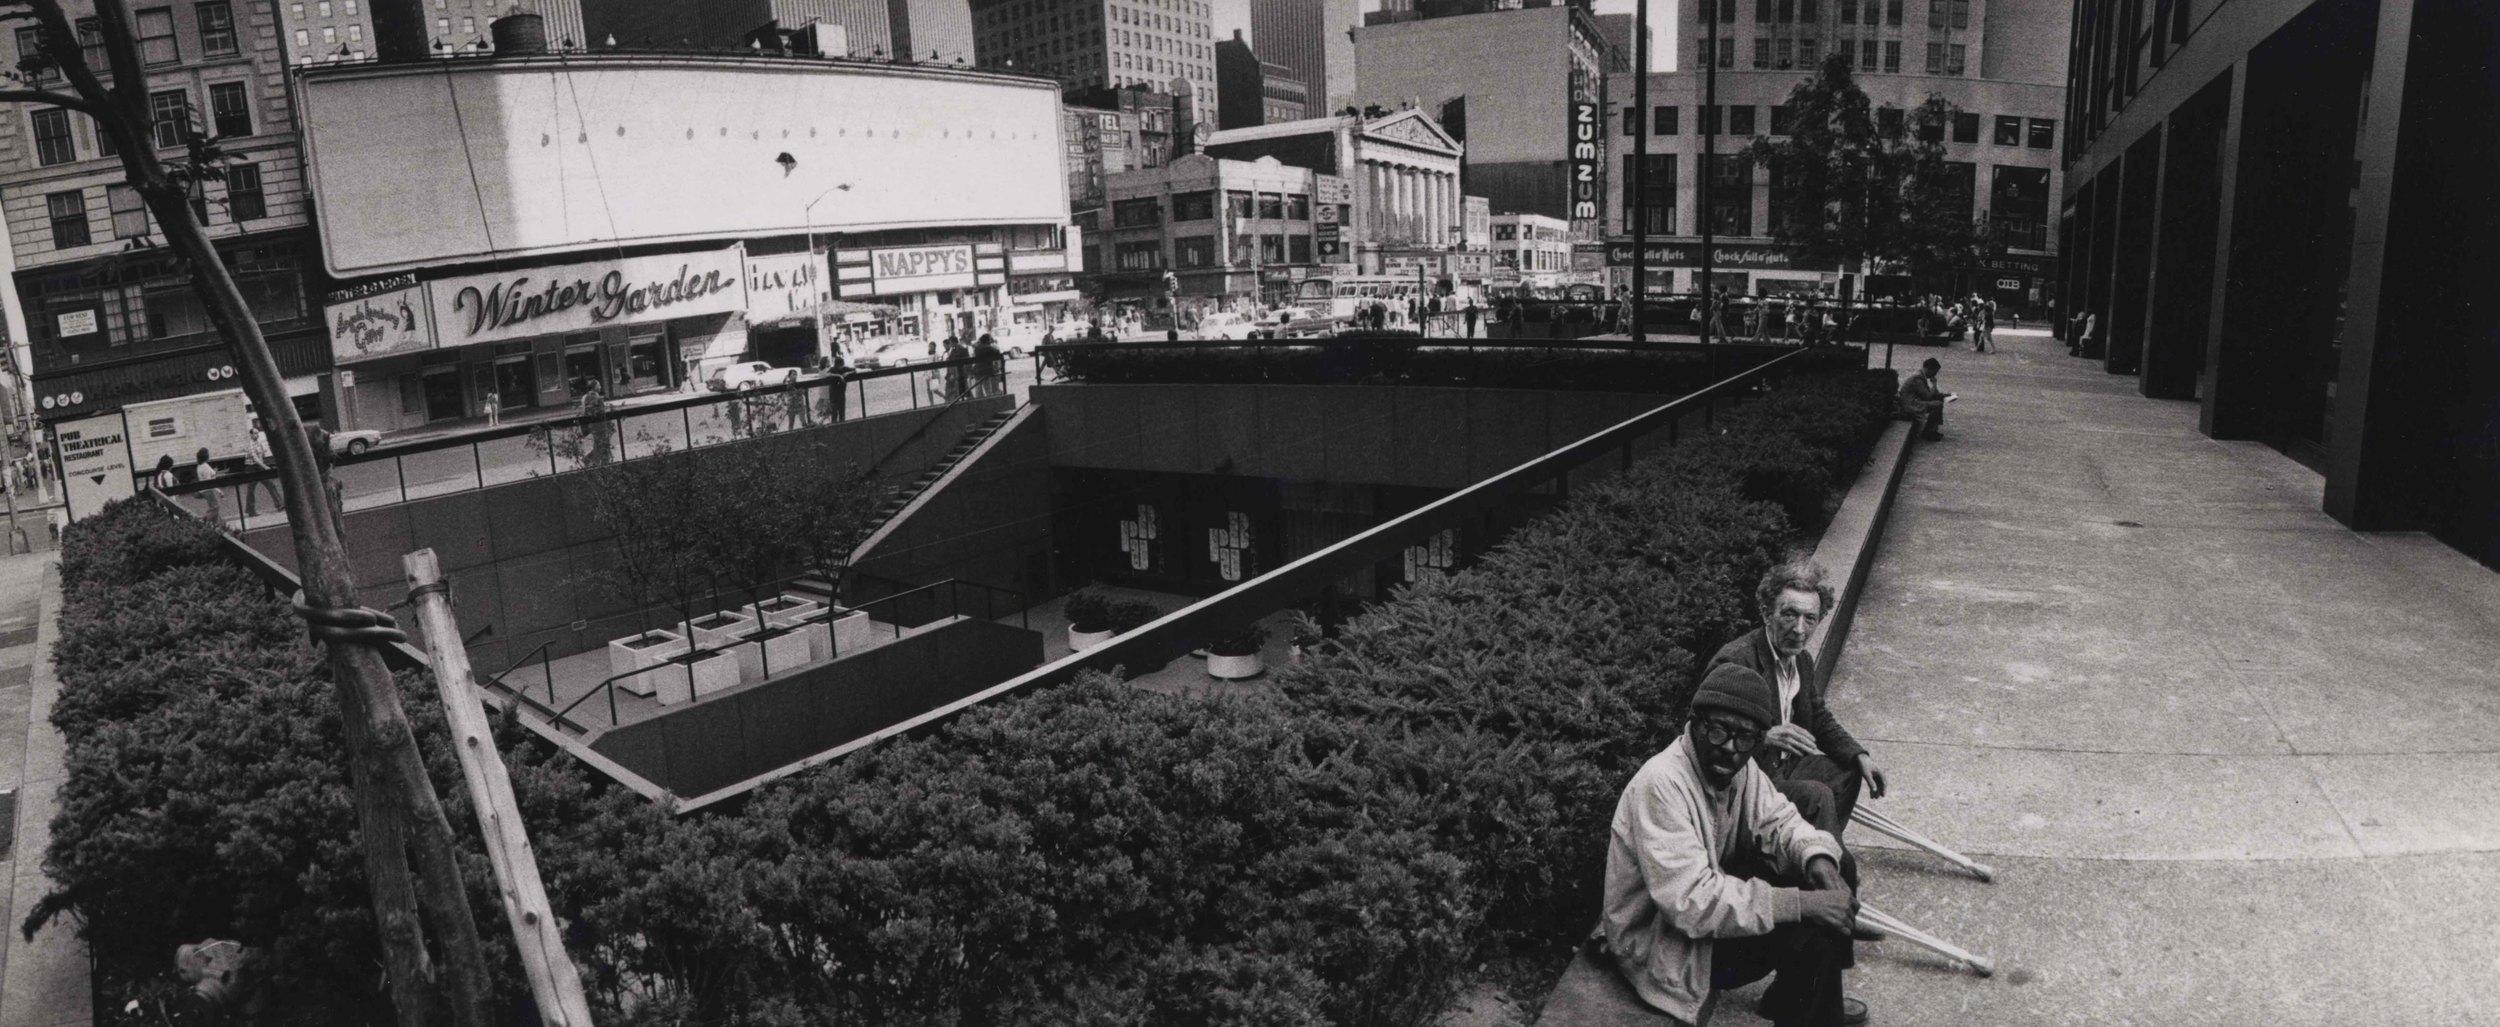 15_94_Two old men sitting by sunken plaza_Dan Wynn Archive.jpeg